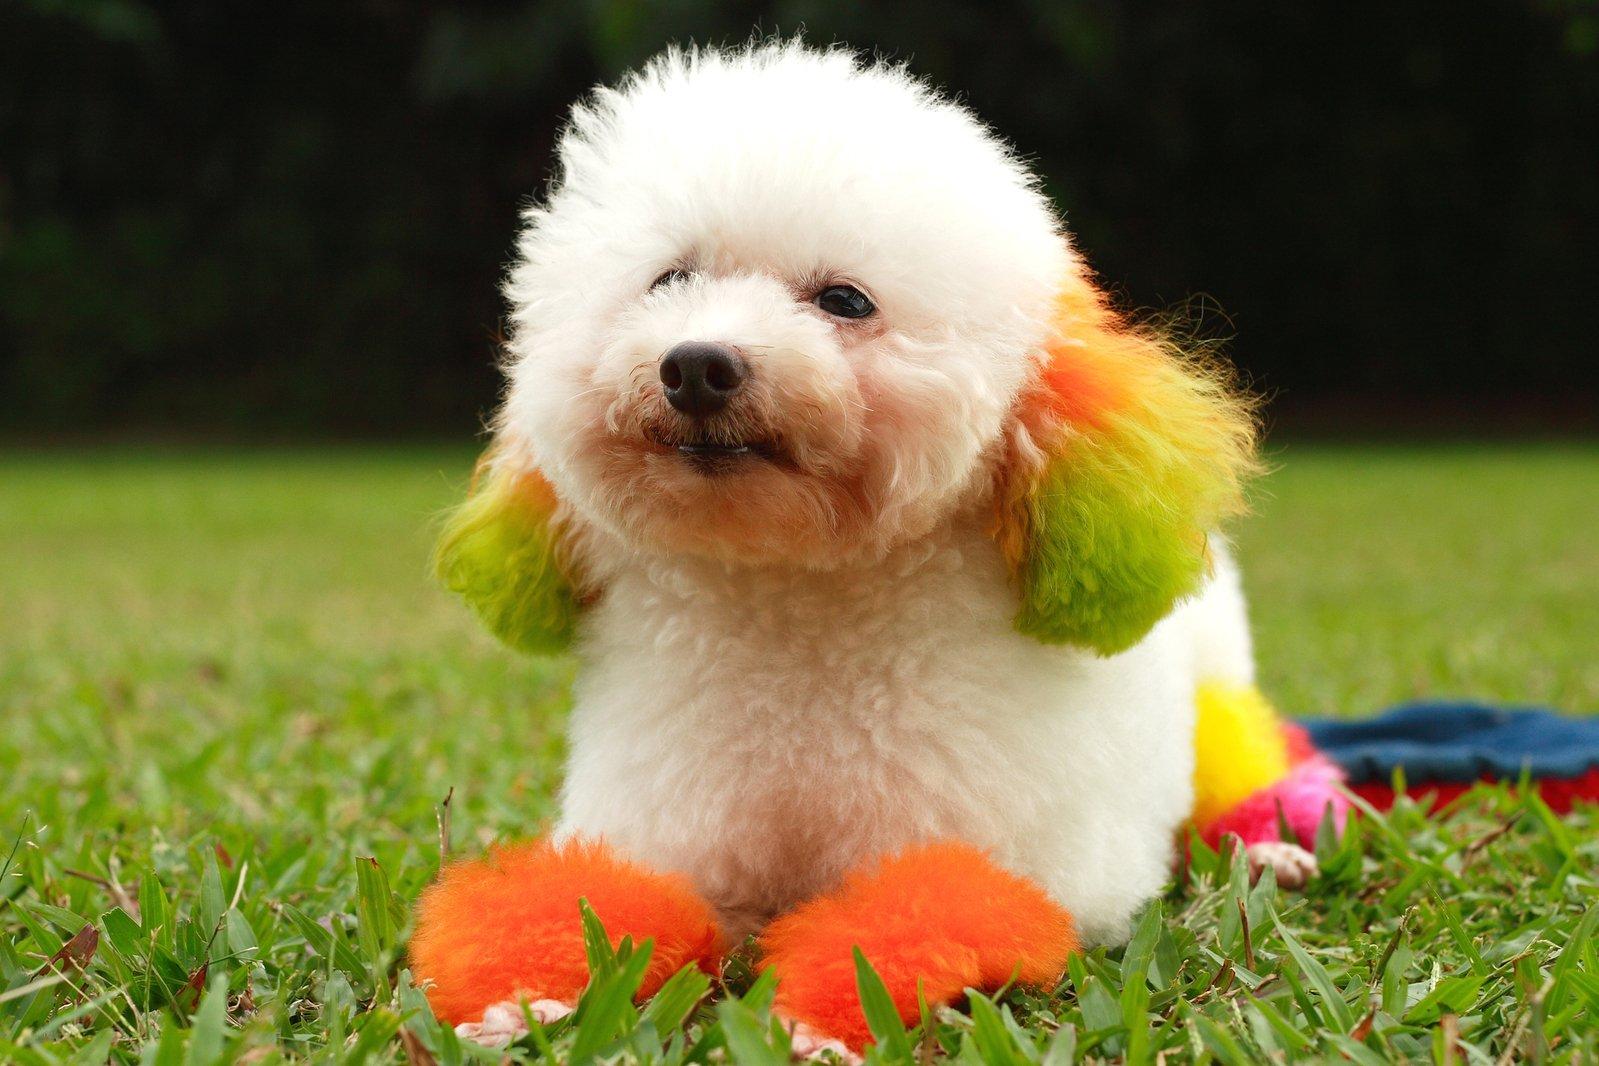 狗怀孕b图_3kb登入并下载新增到我的最爱 tags 狗 宠物 可爱 b e u t 我 f u l